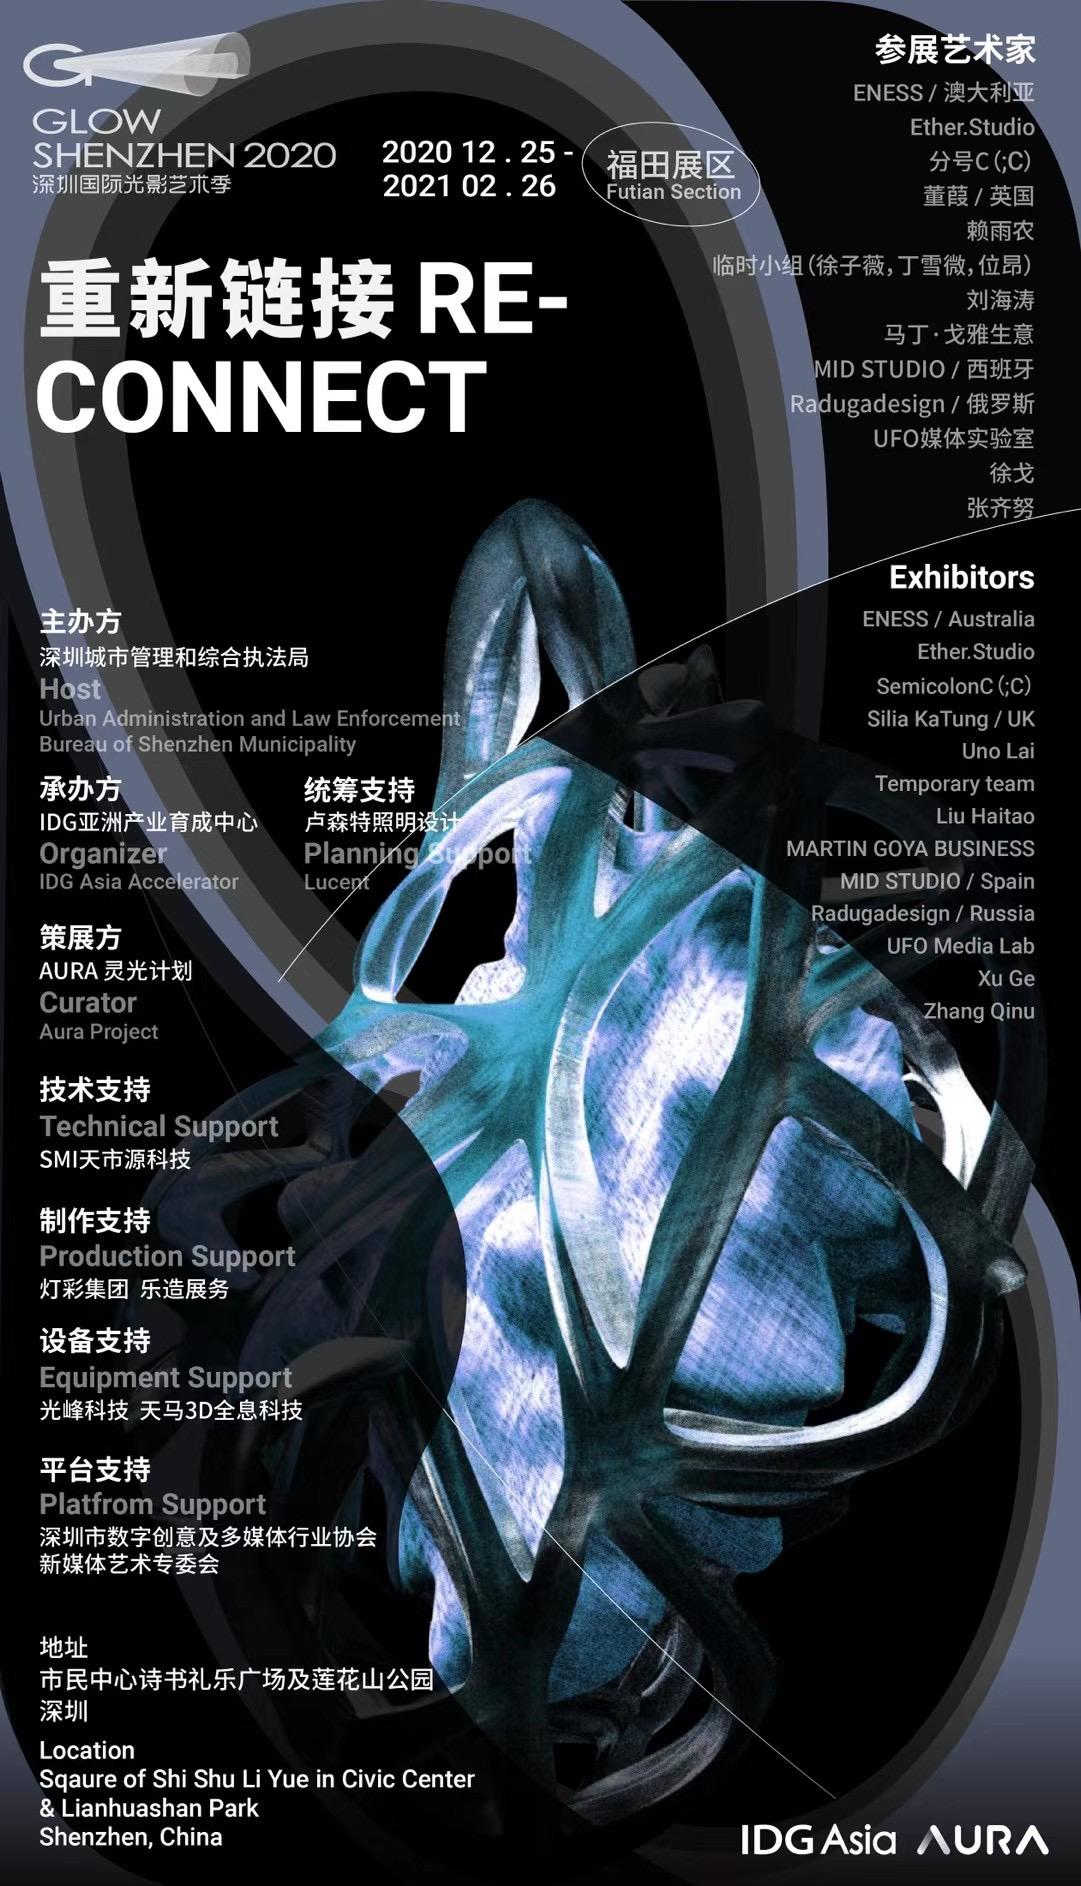 Glow Shenzhen 2020